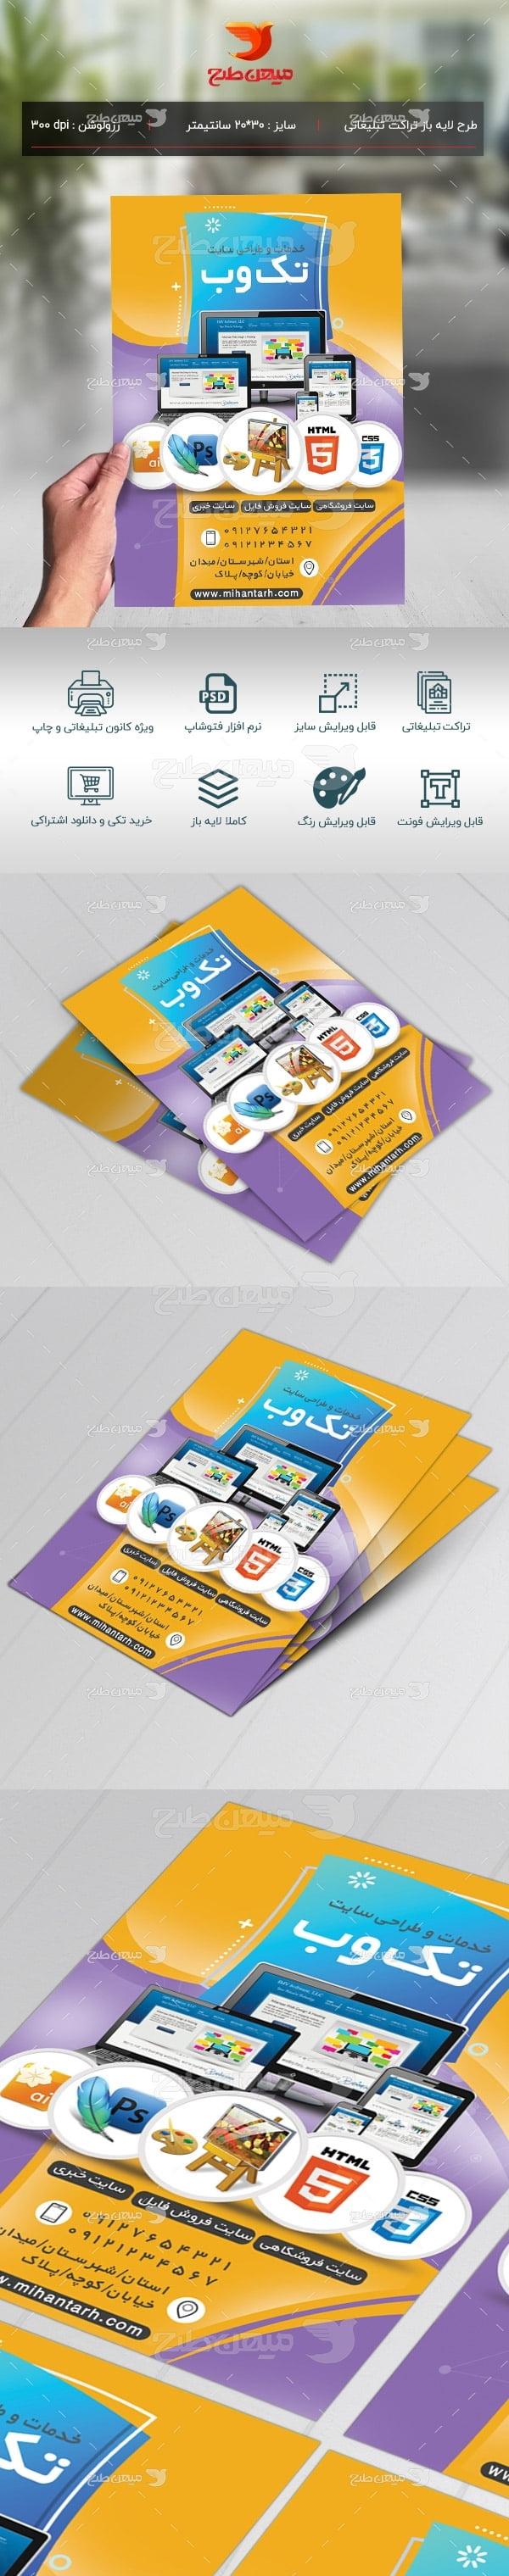 طرح لایه باز تراکت تبلیغاتی خدمات فروش هاست و اینترنت